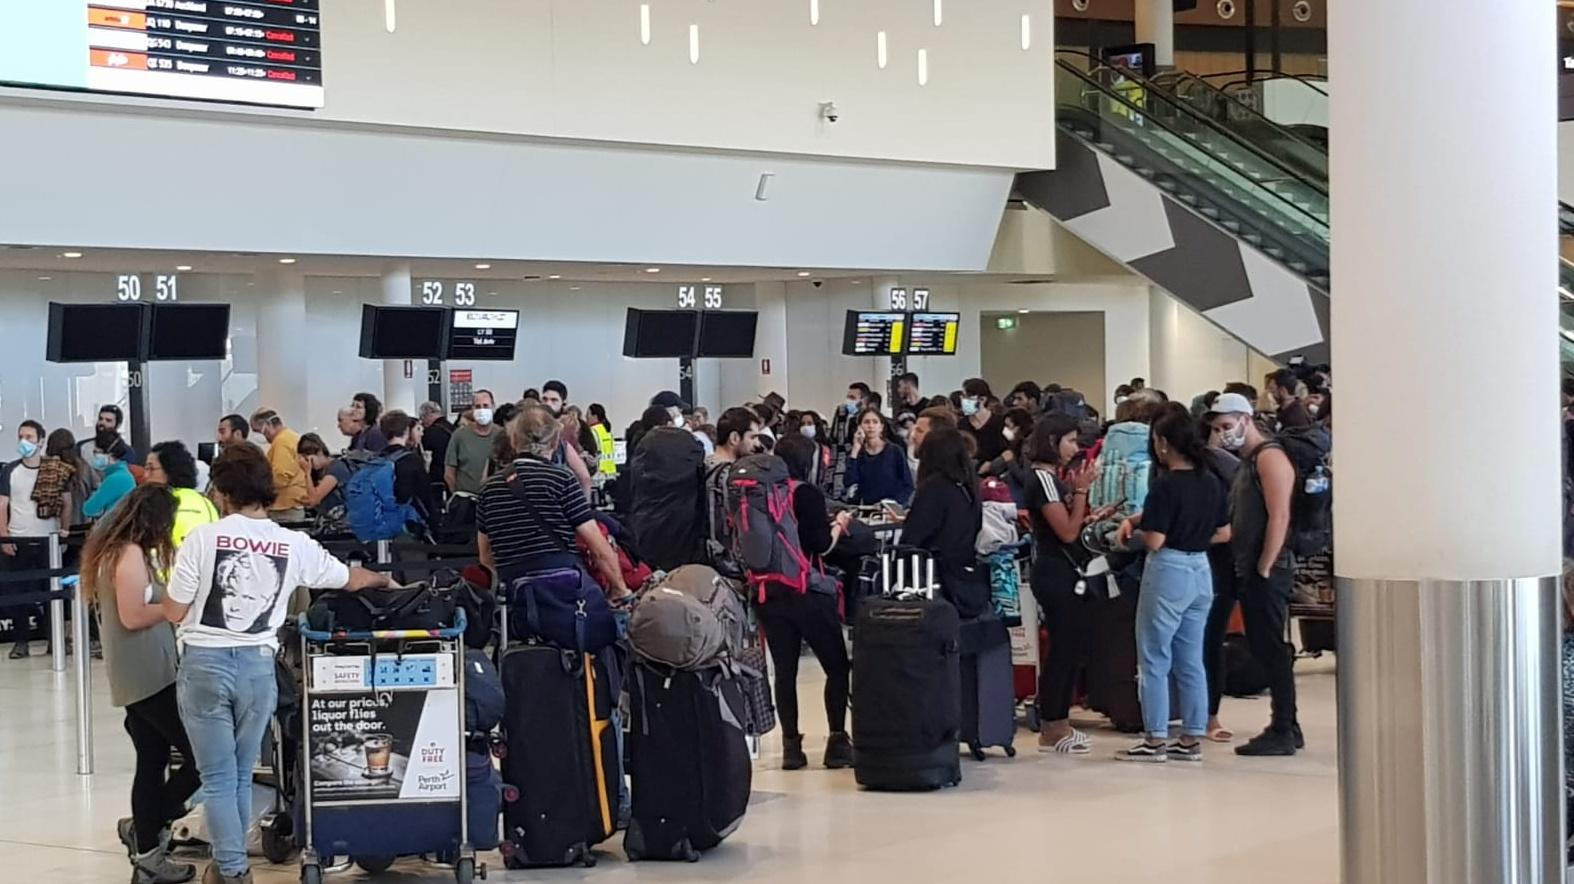 טיסות החילוץ של משרד החוץ: היום יוחזרו ישראלים מאוסטרליה וניו זילנד